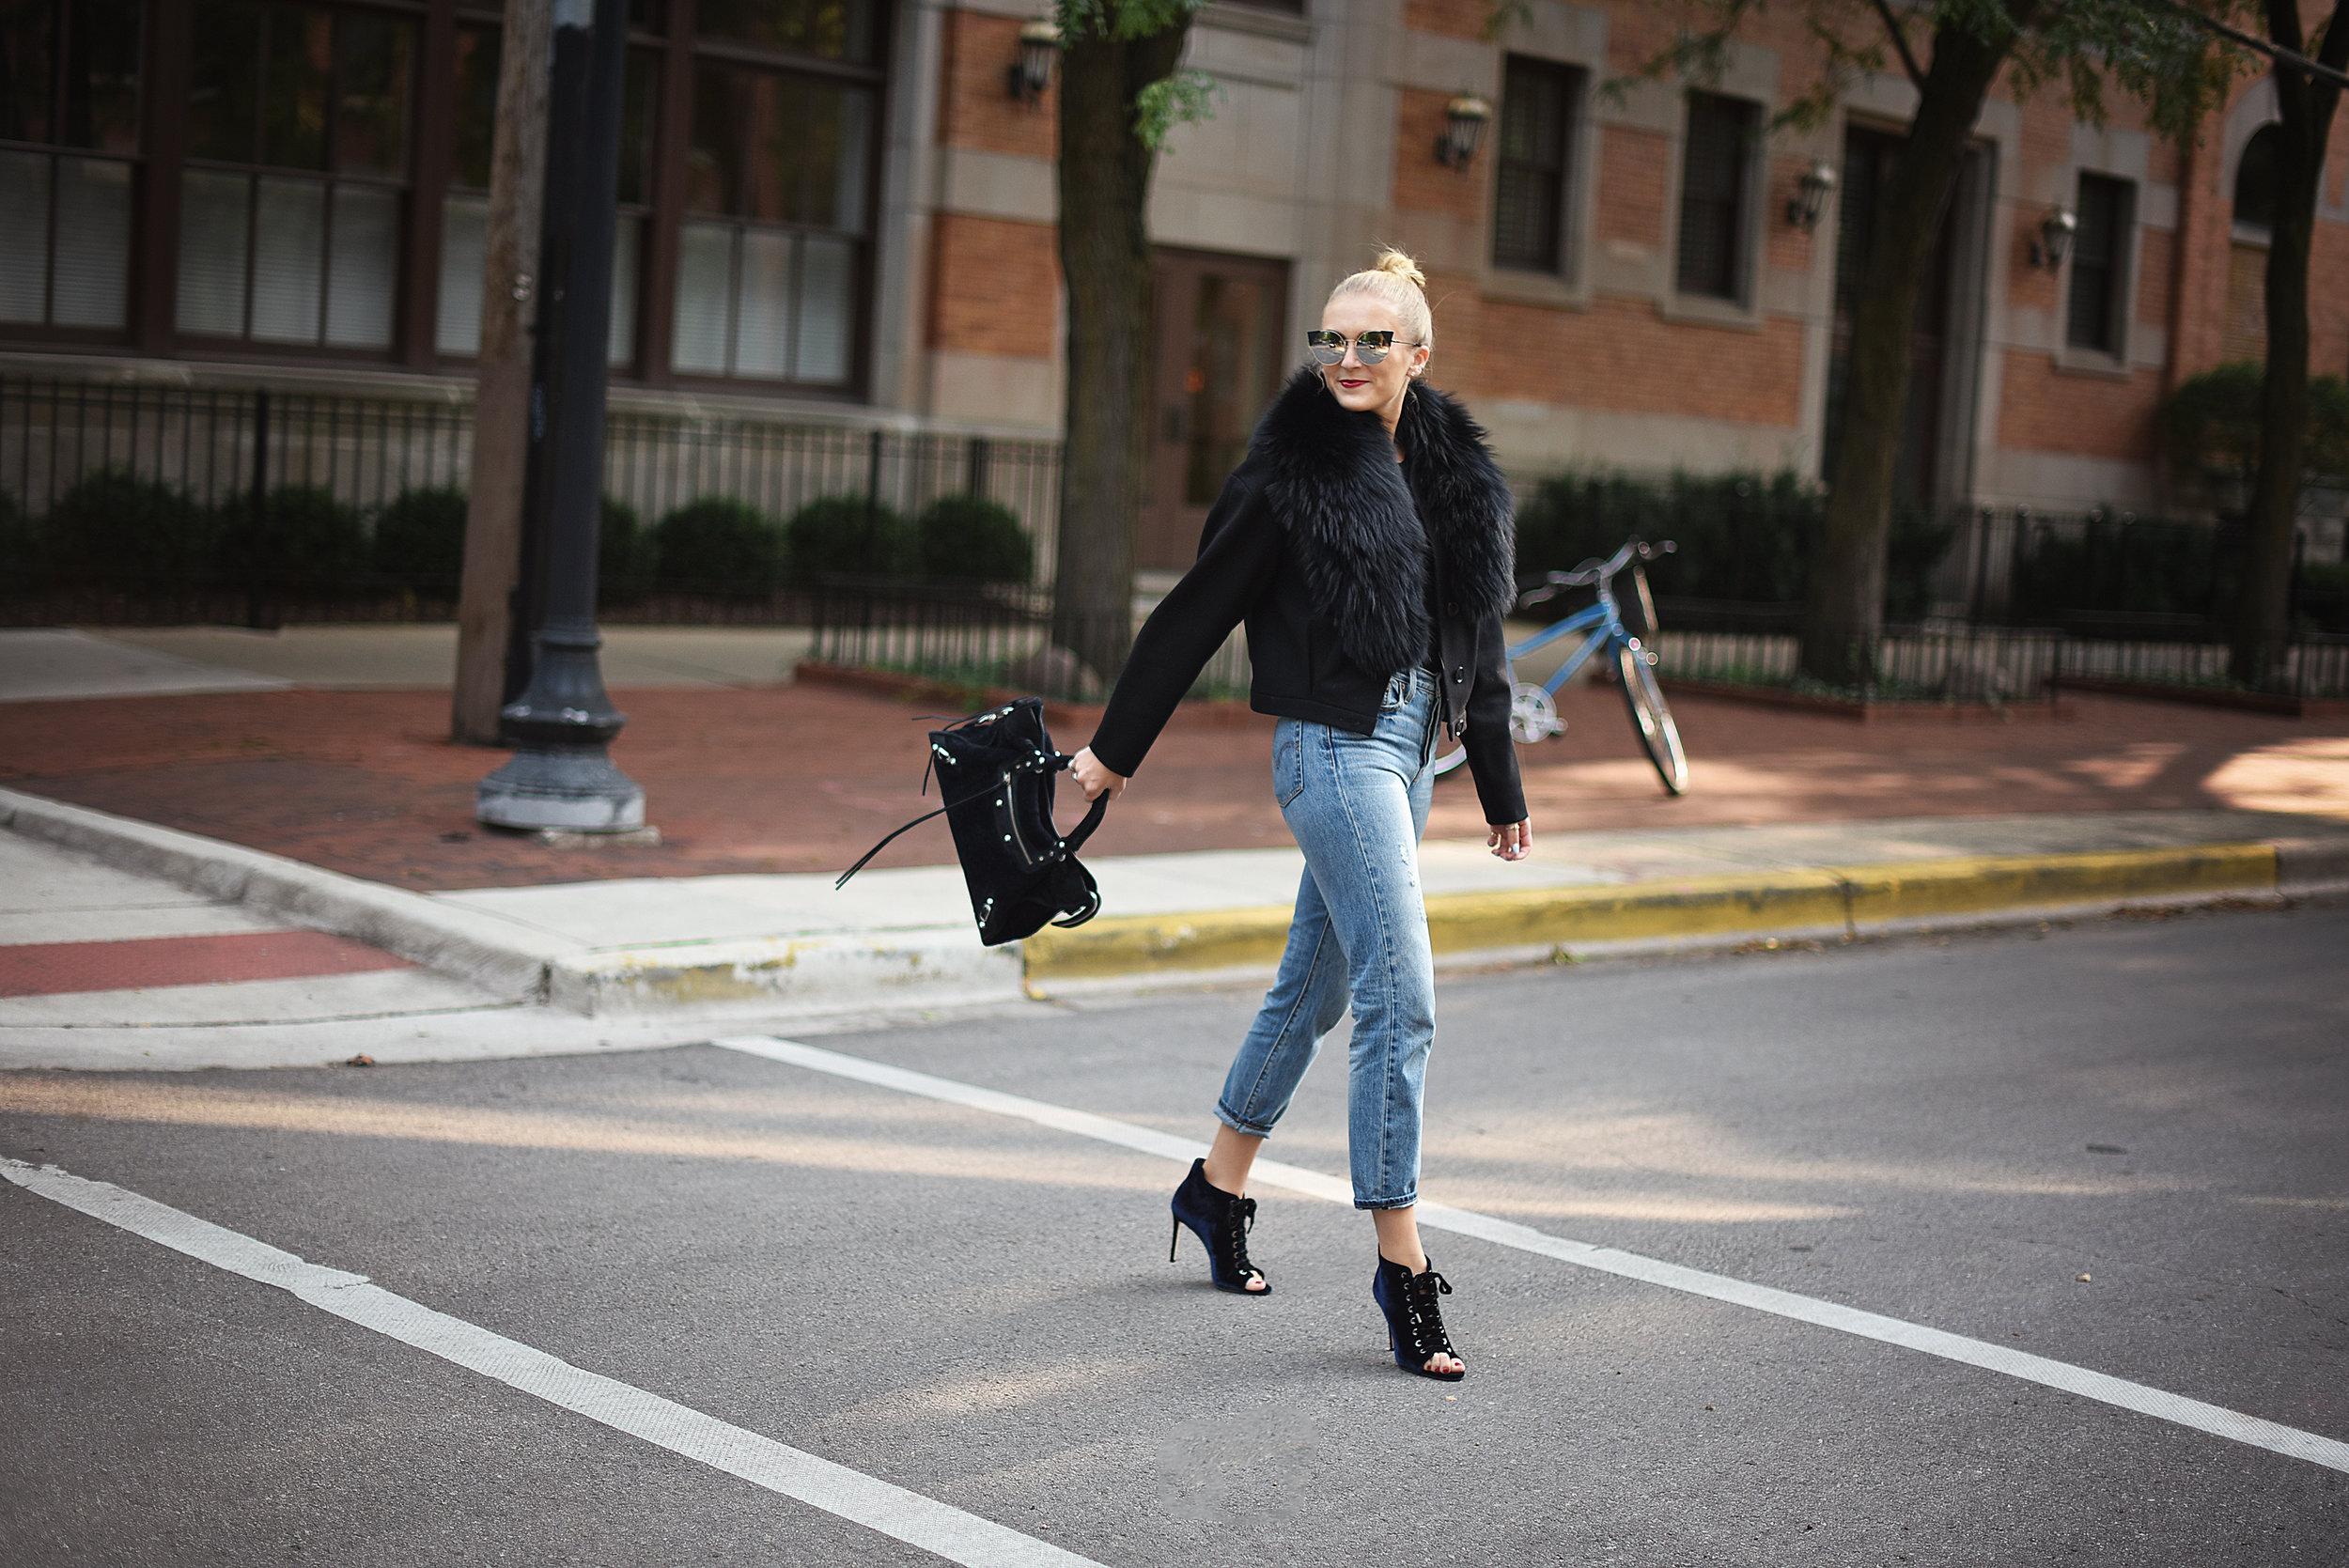 black jacket girl walking